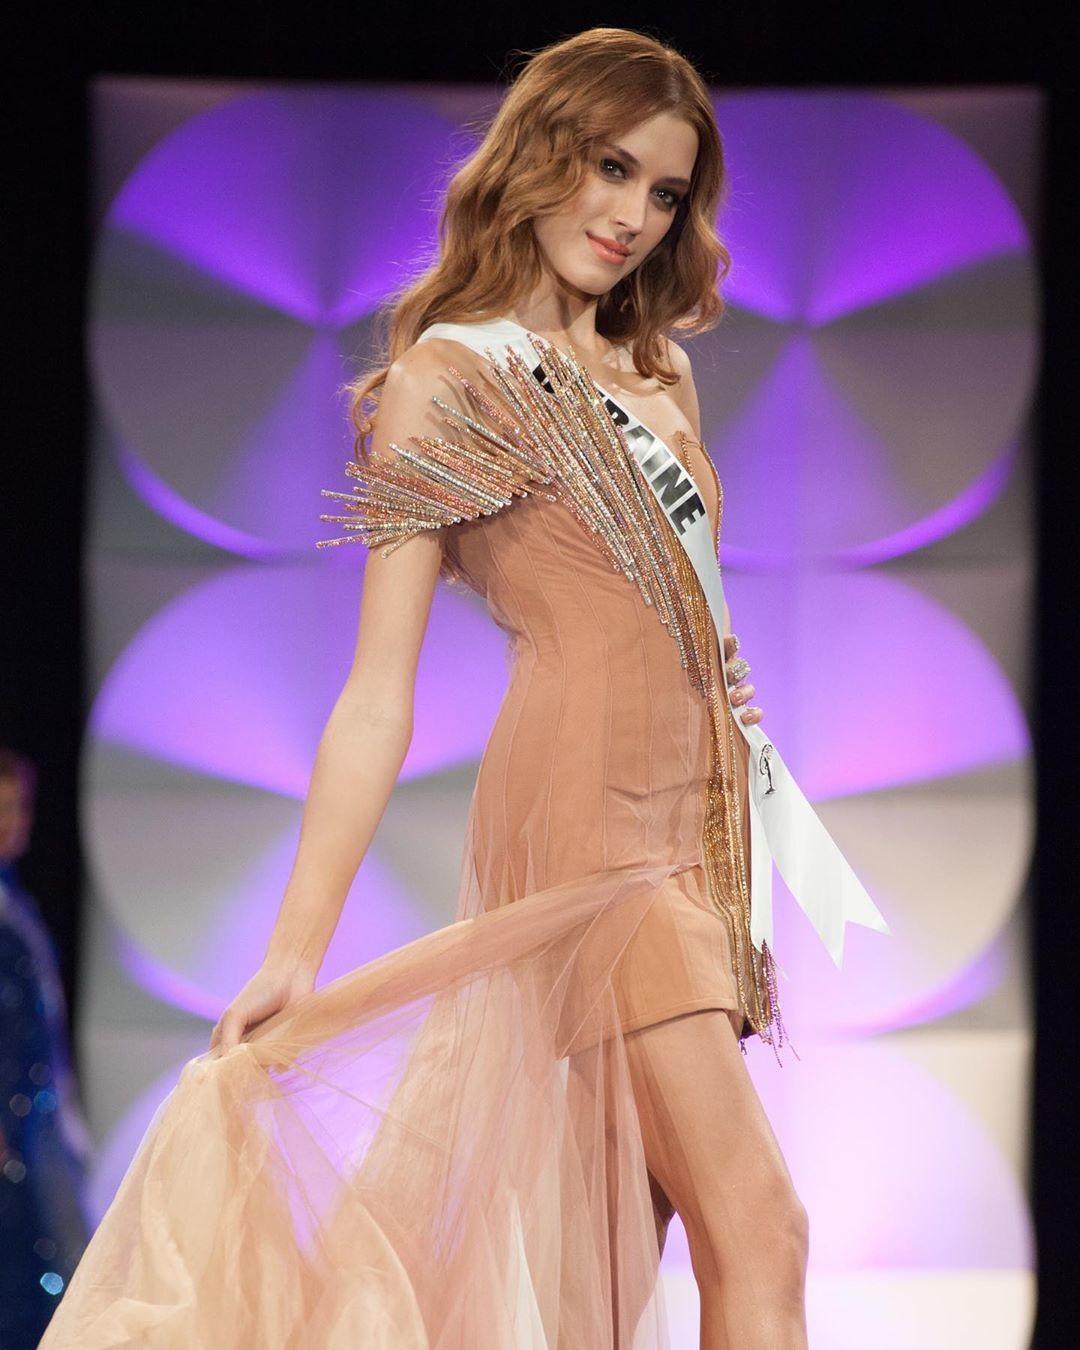 Мисс Украина-Вселенная 2019 - Анастасия Субботу